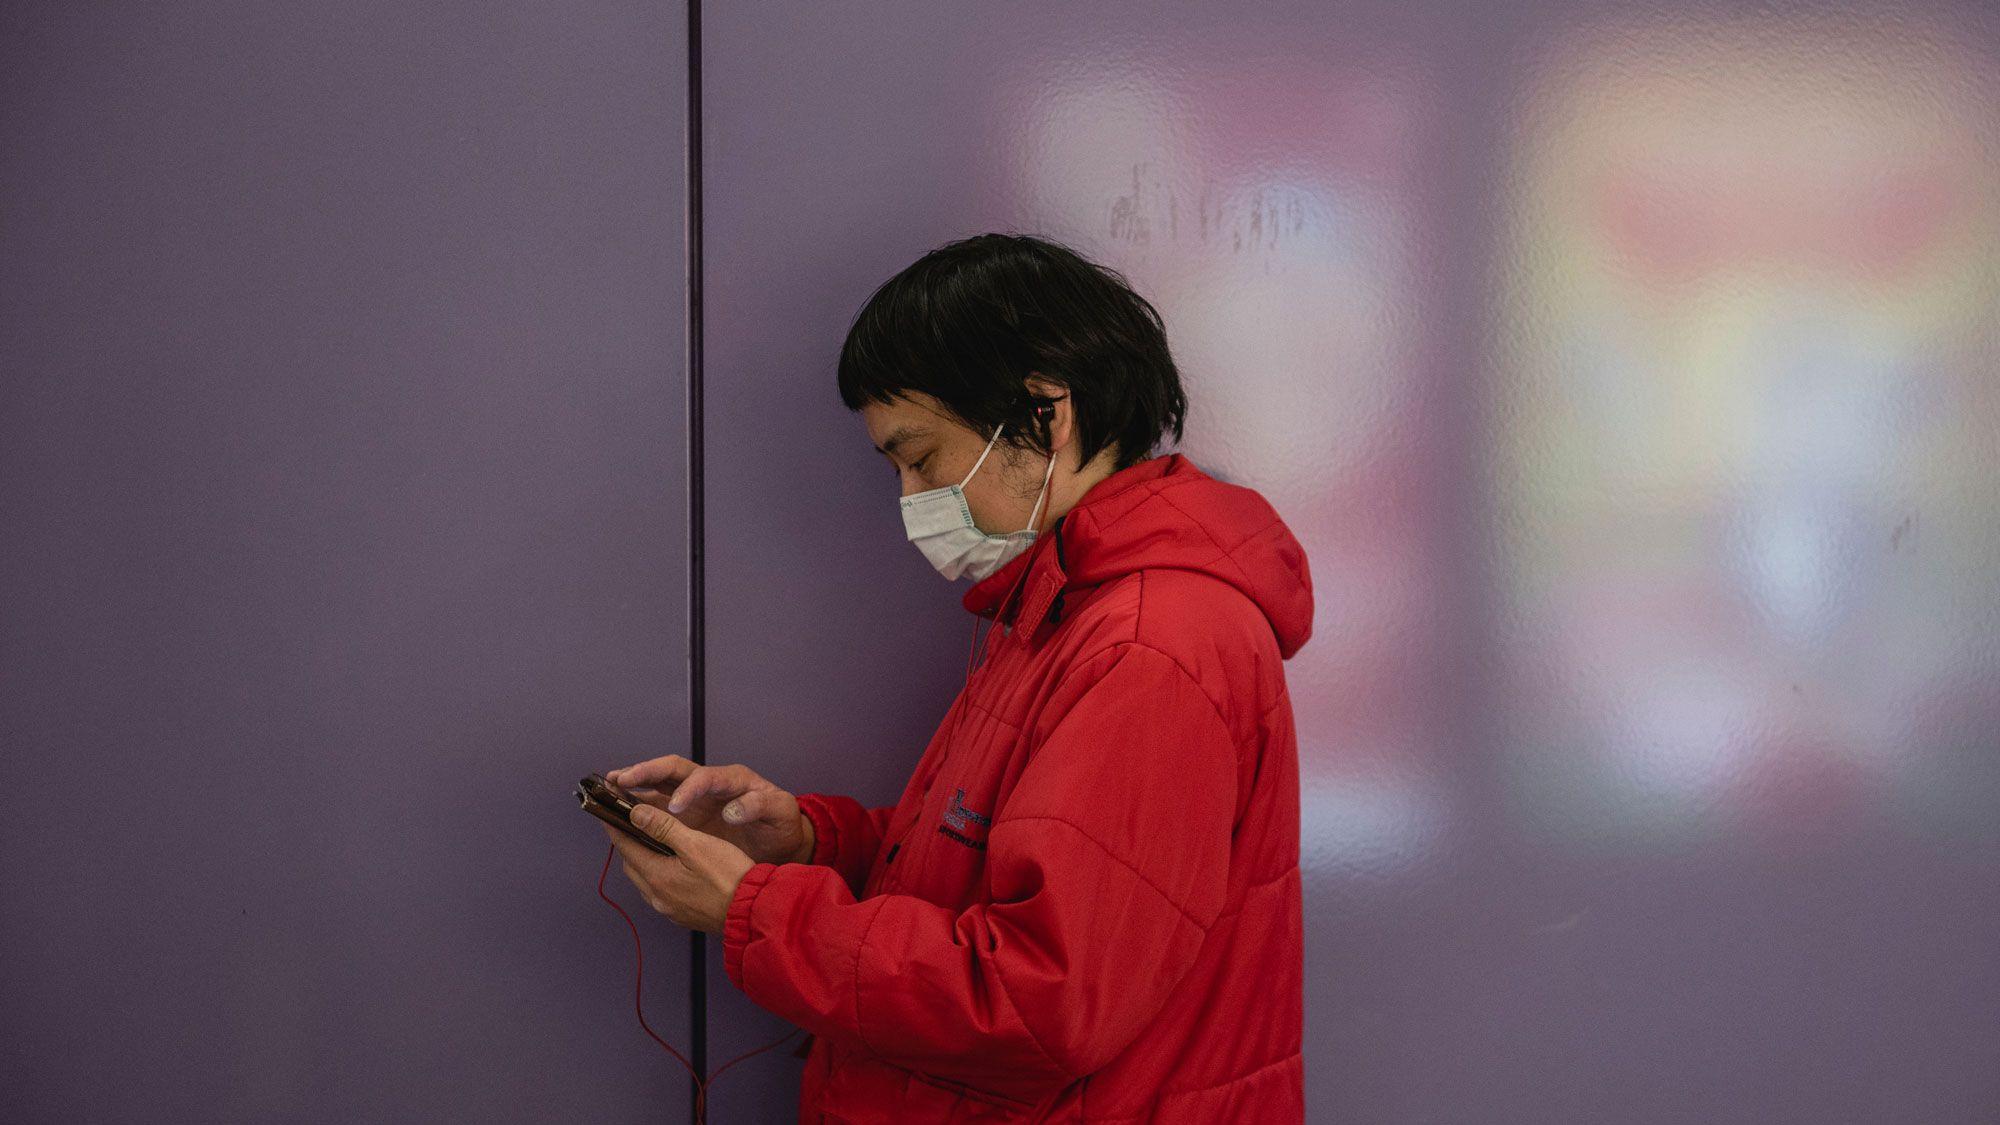 中国政府、新型コロナ感染者との「濃厚接触」判定アプリ